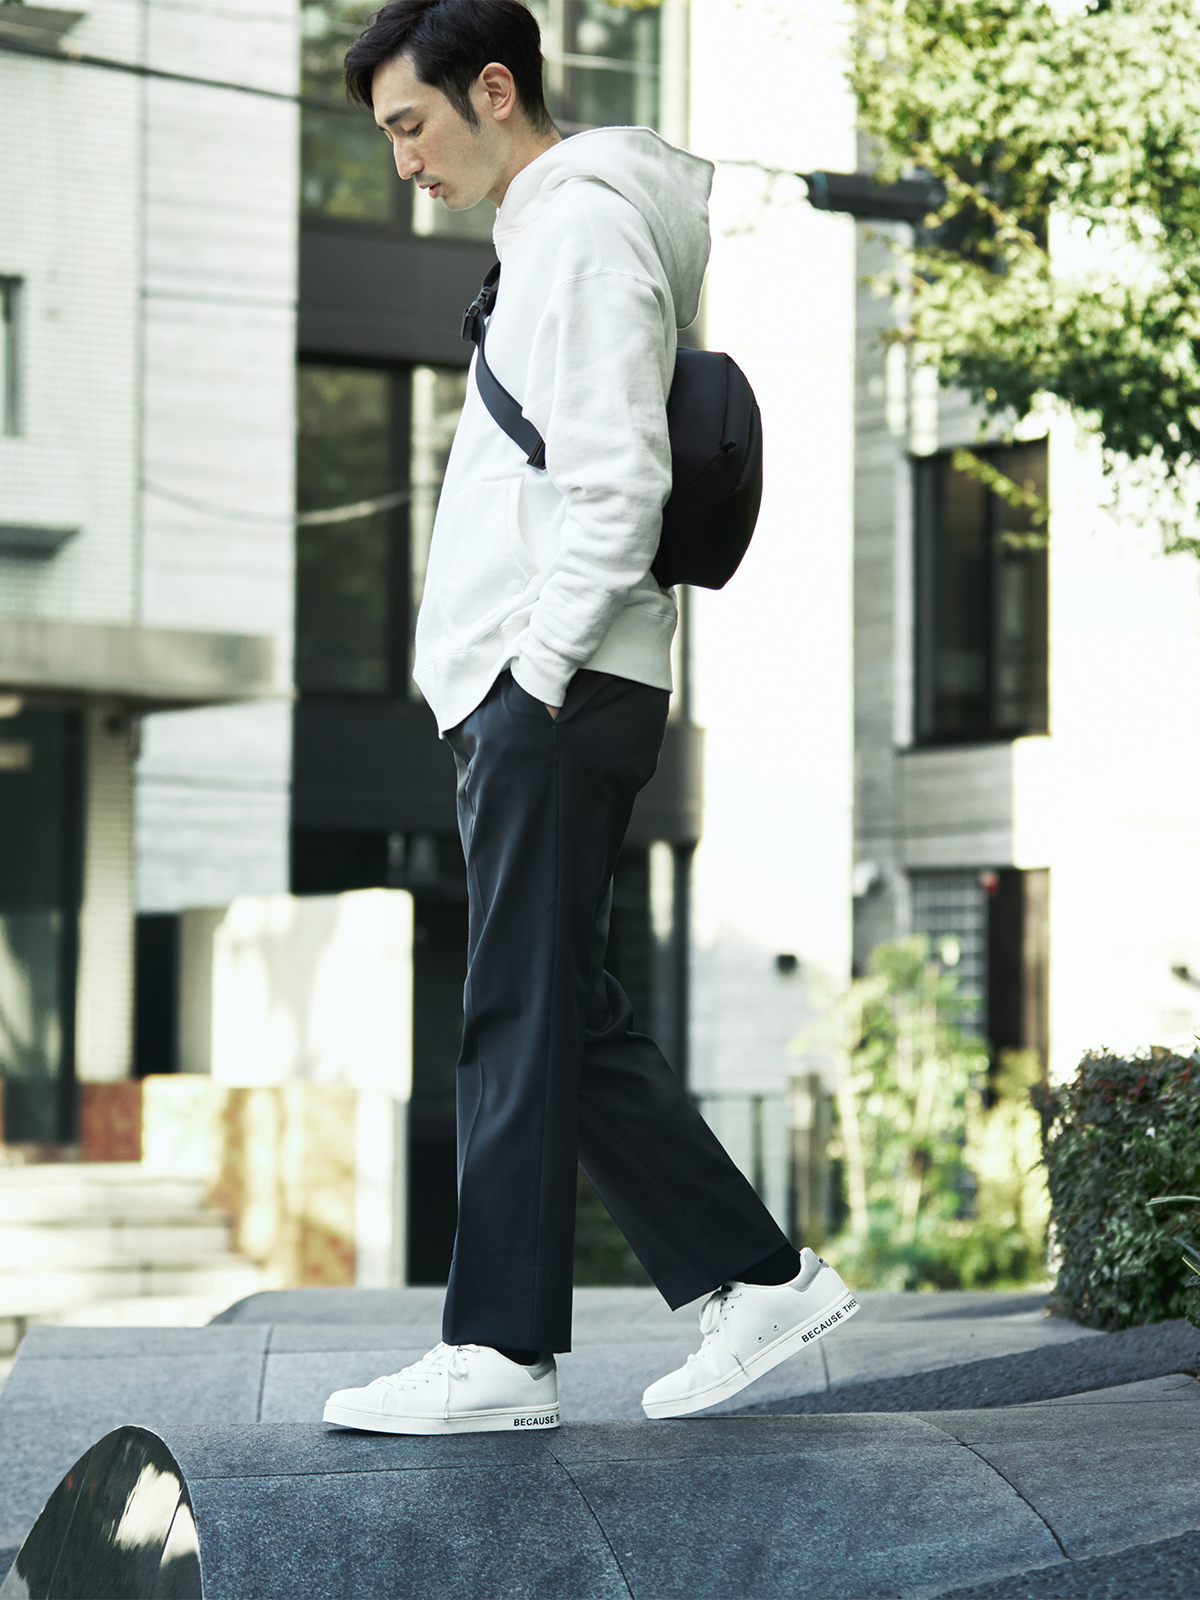 サスティナブルでエコなファッションブランドECOALF(エコアルフ)のスニーカー